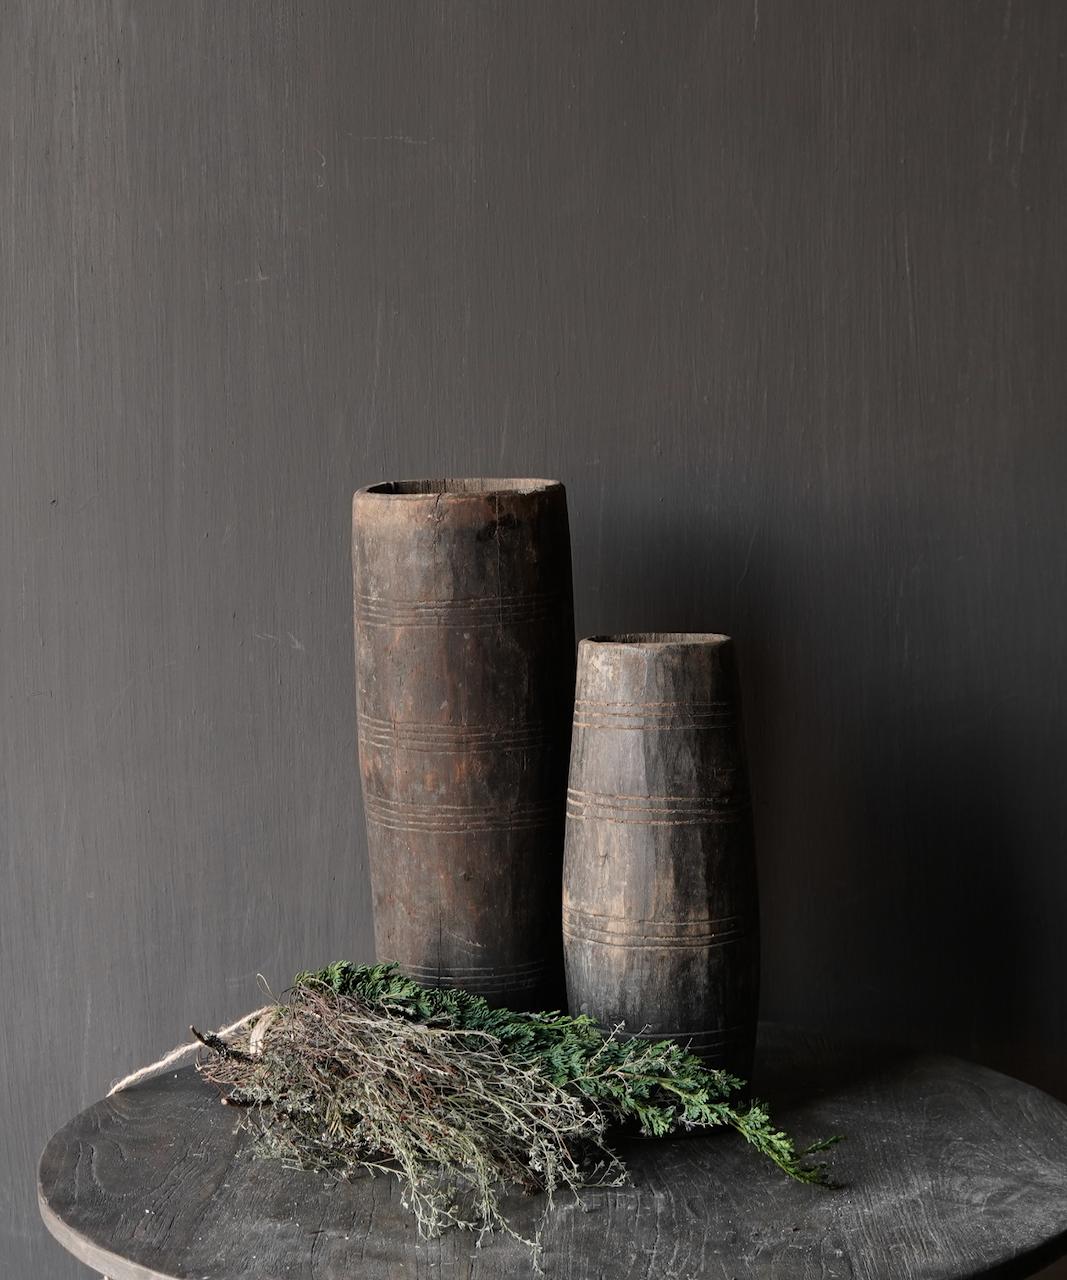 Uniek oud houten vaas zonder bodem gemaakt van een Authentieke trommel-2